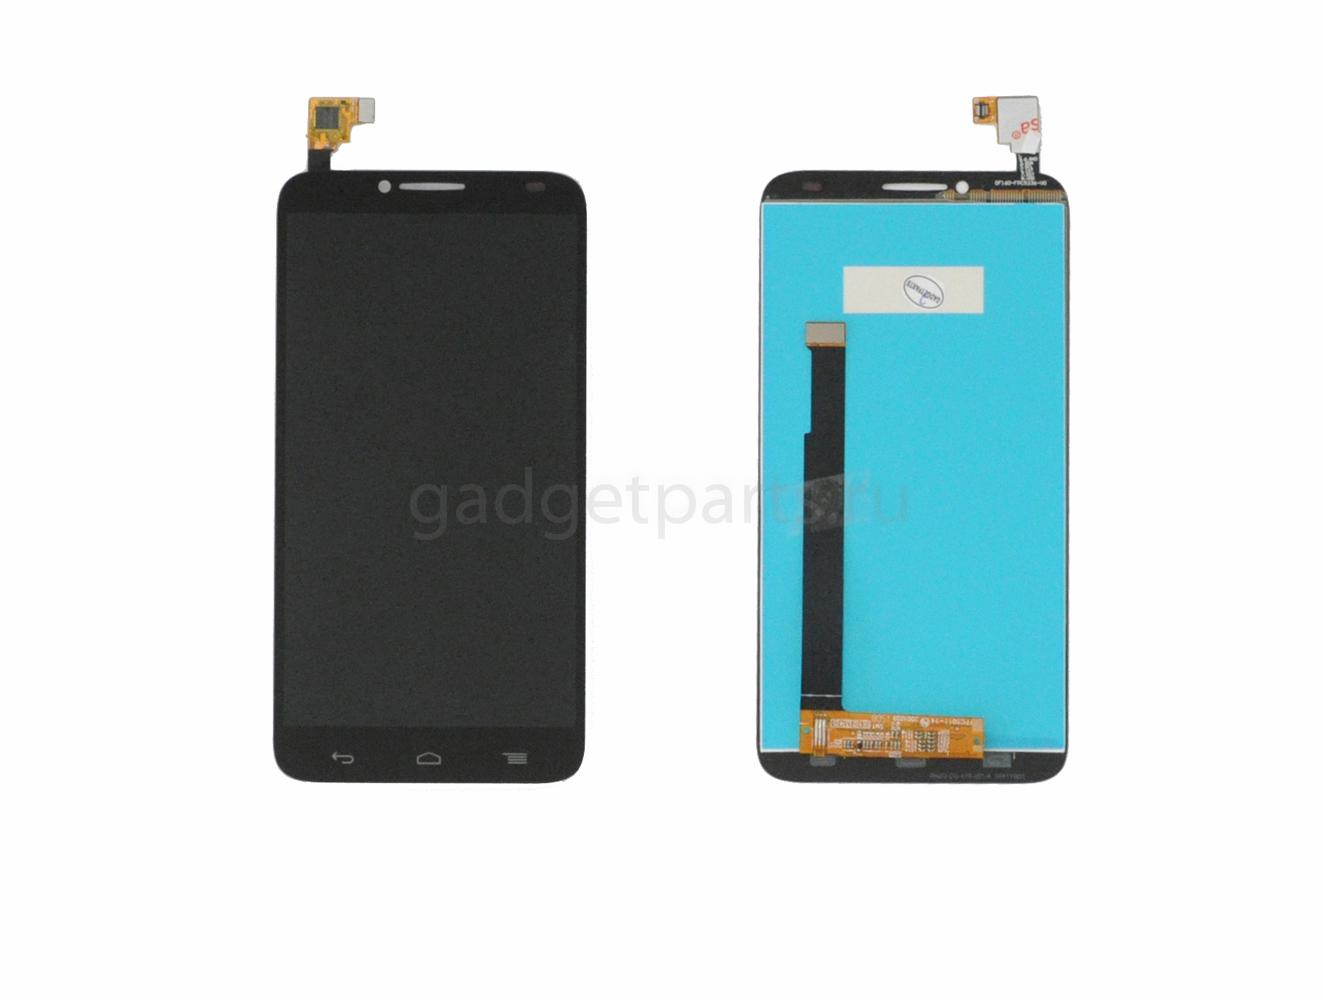 Модуль (дисплей, тачскрин) Alcatel OT6037Y, OT6037K (Idol 2) Черный (Black) Оригинал